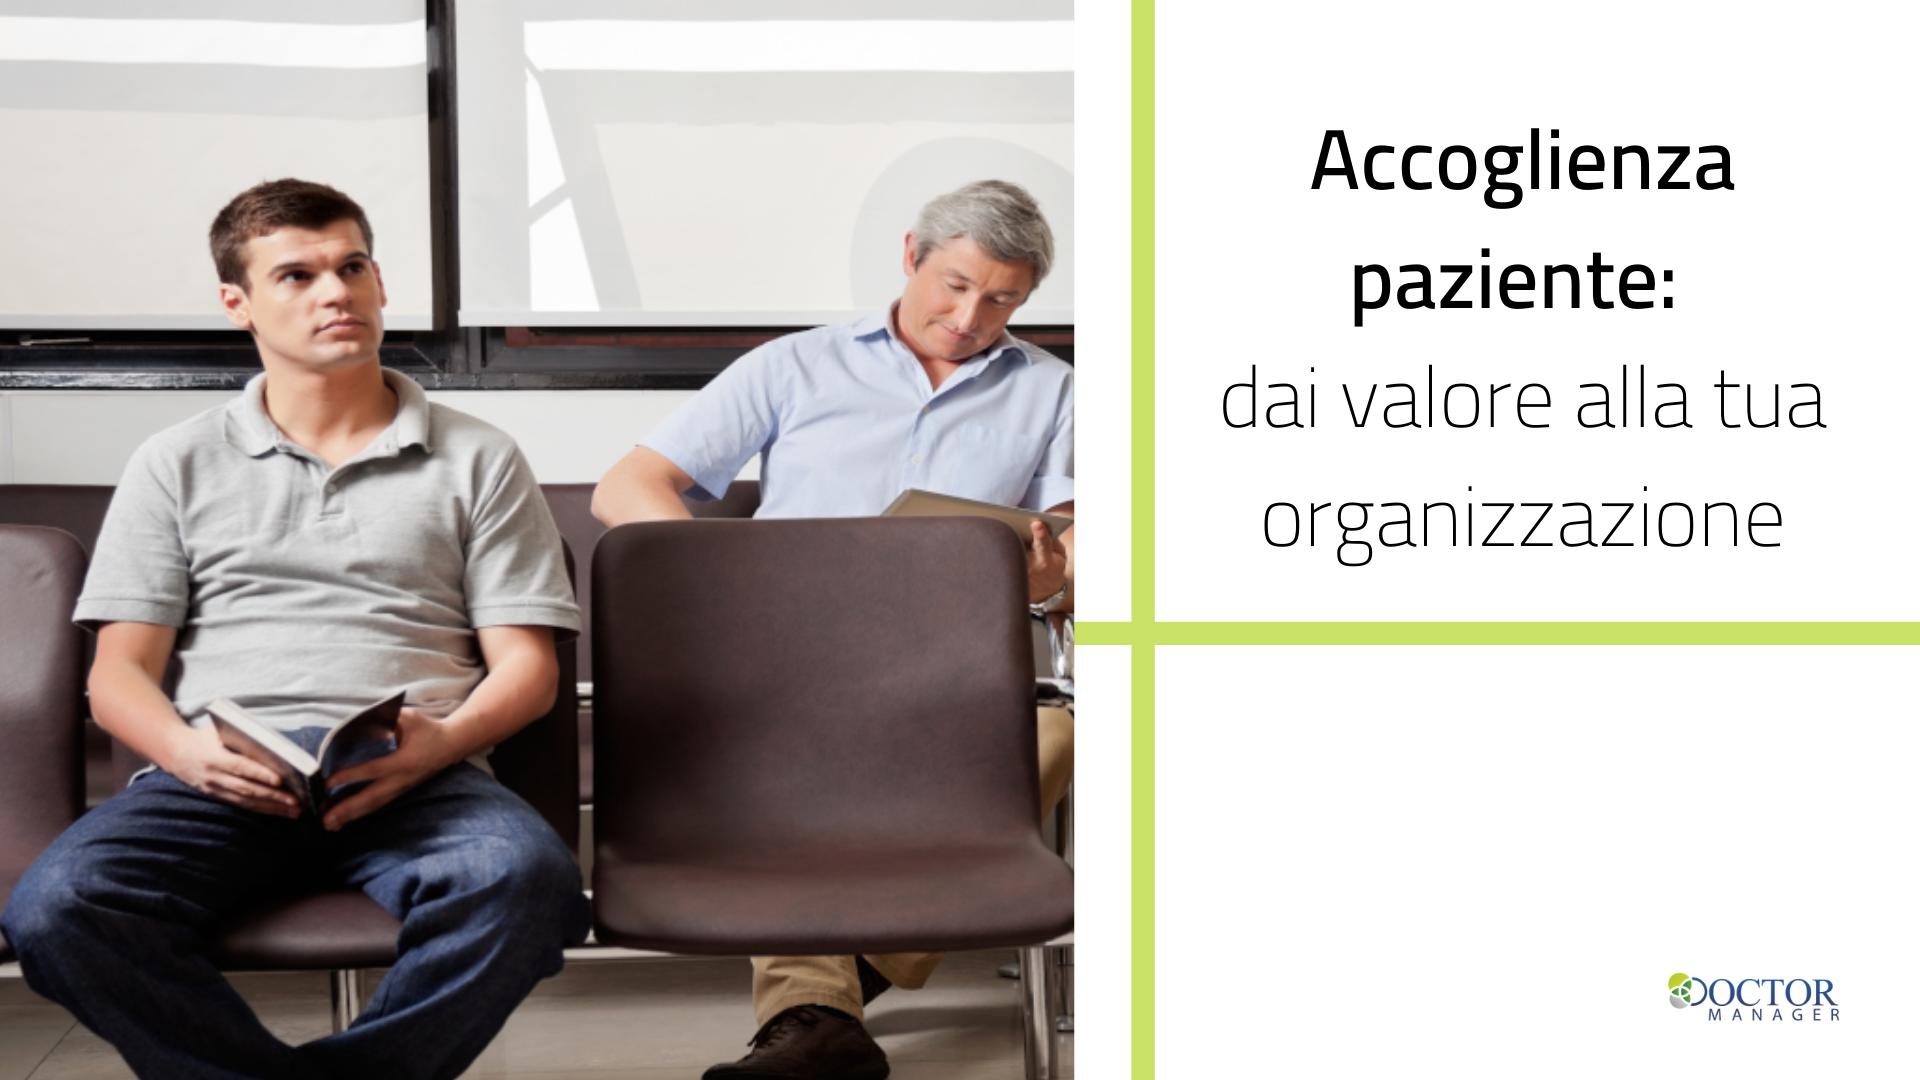 Accoglienza paziente: dai valore alla tua organizzazione